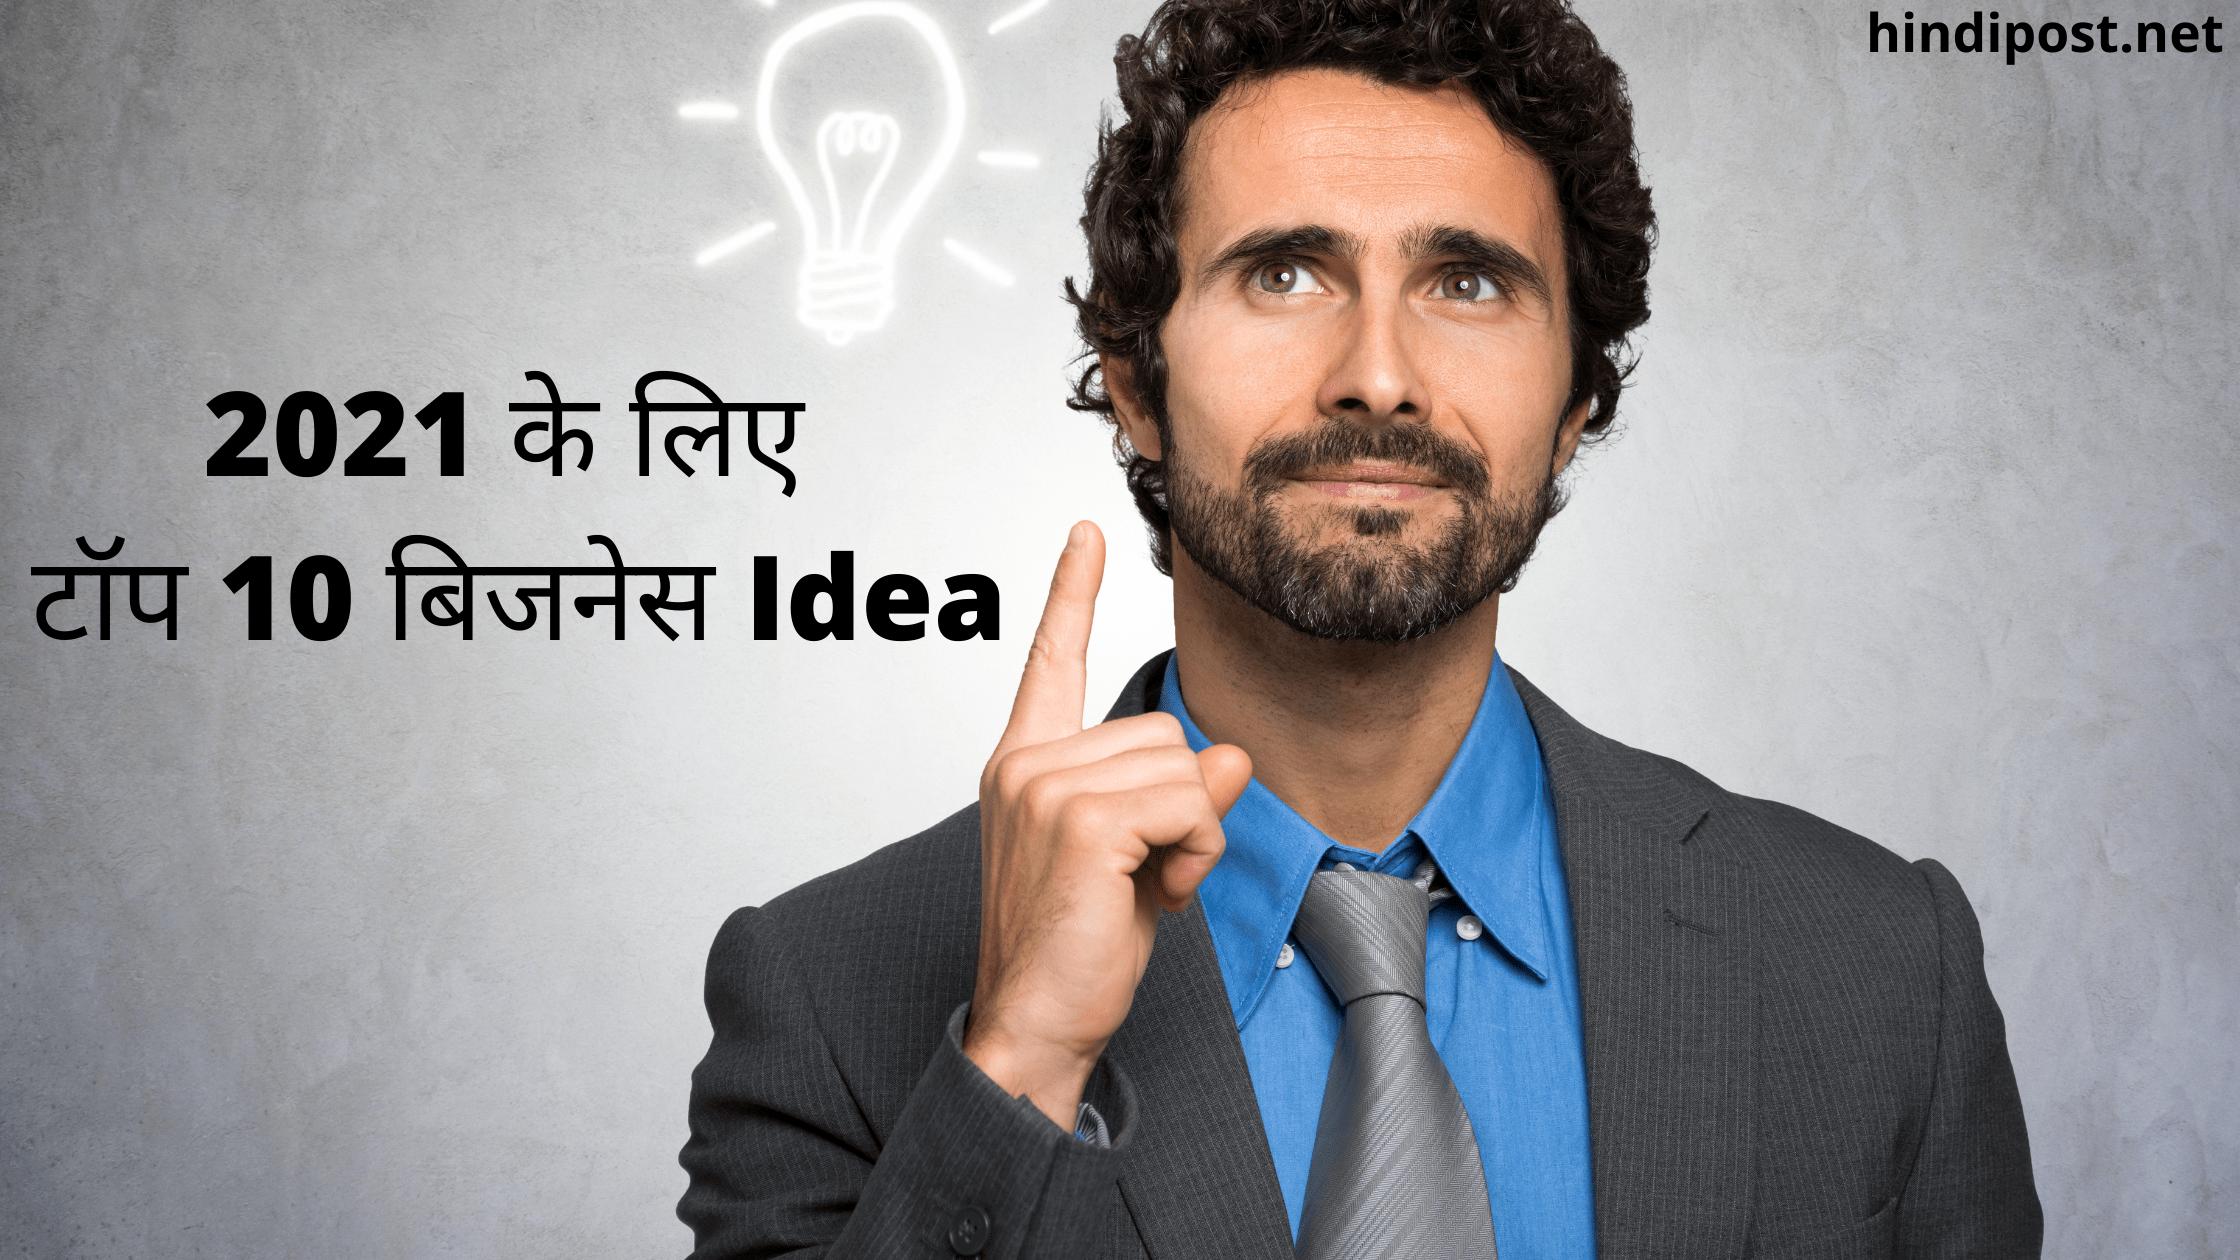 2021 के लिए टॉप 10 बिजनेस Idea